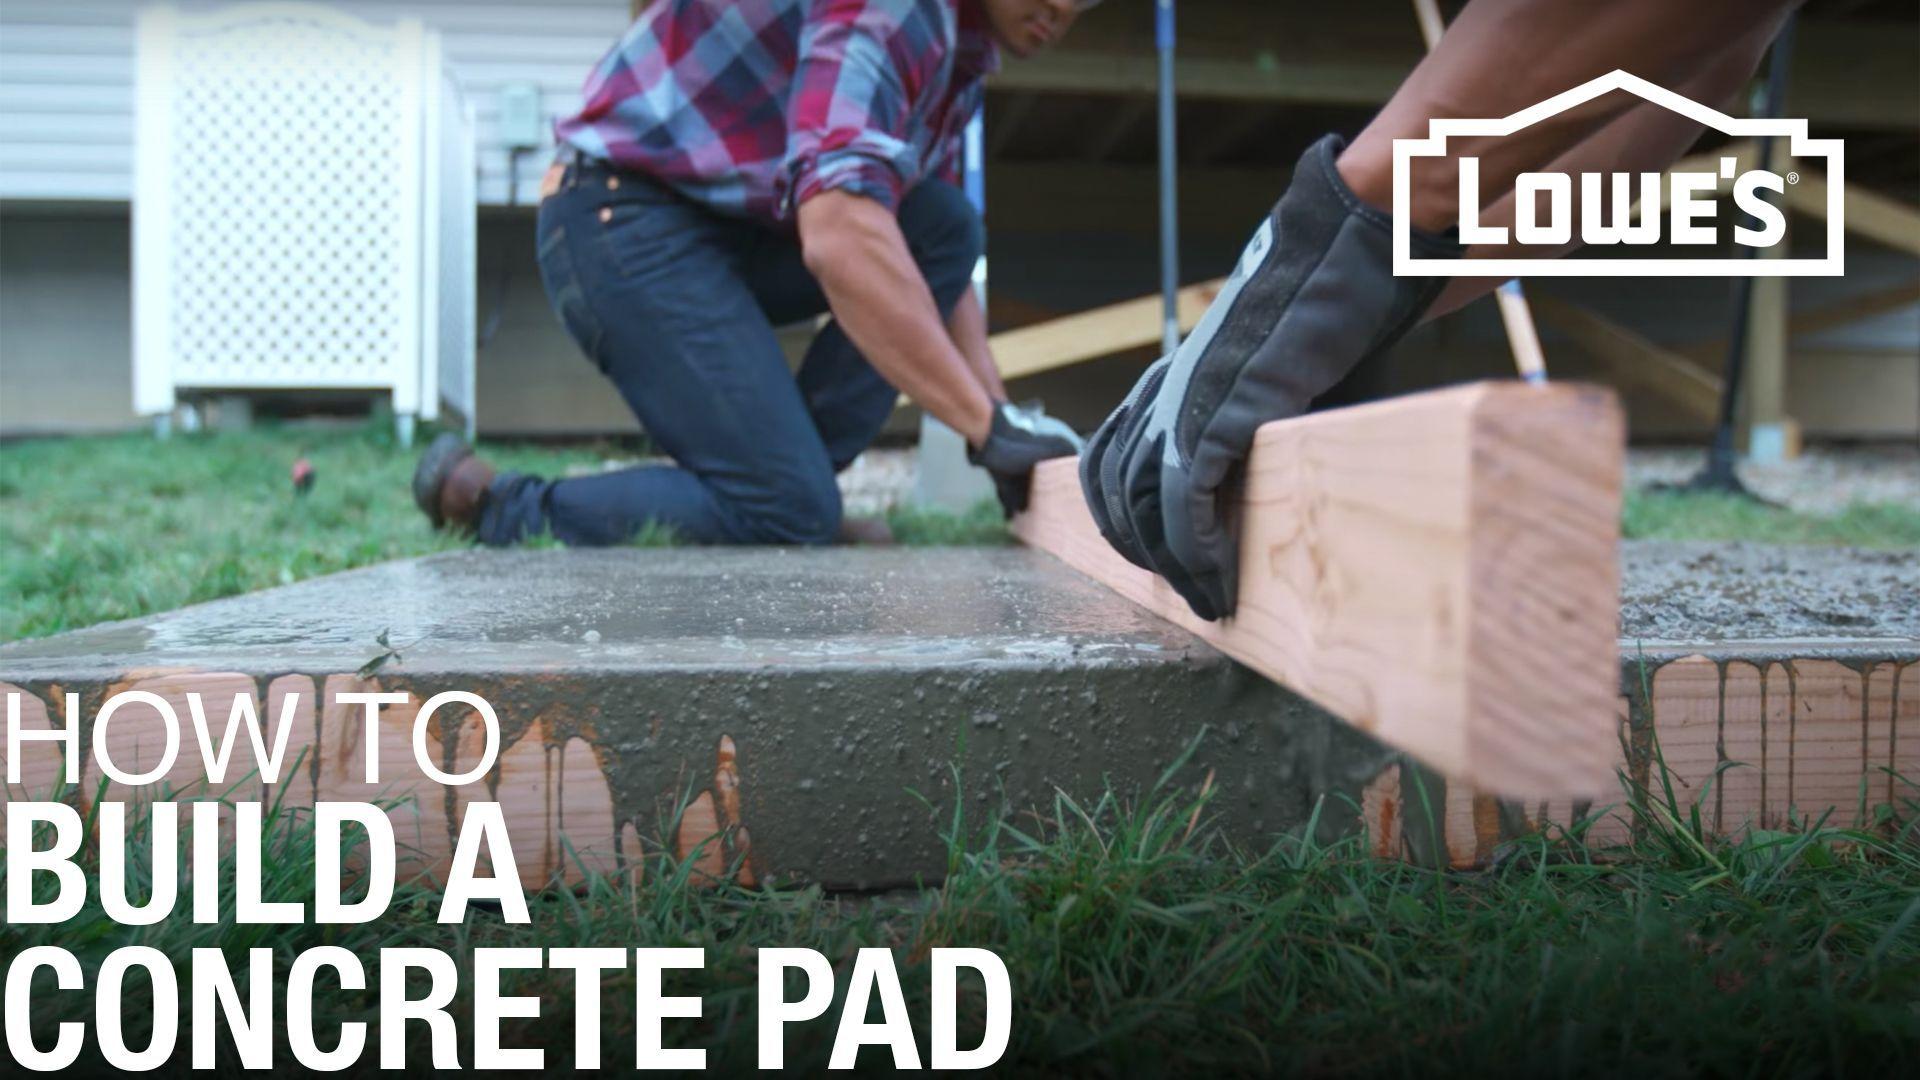 How To Build A Concrete Pad In 2020 Concrete Pad Diy Concrete Patio Concrete